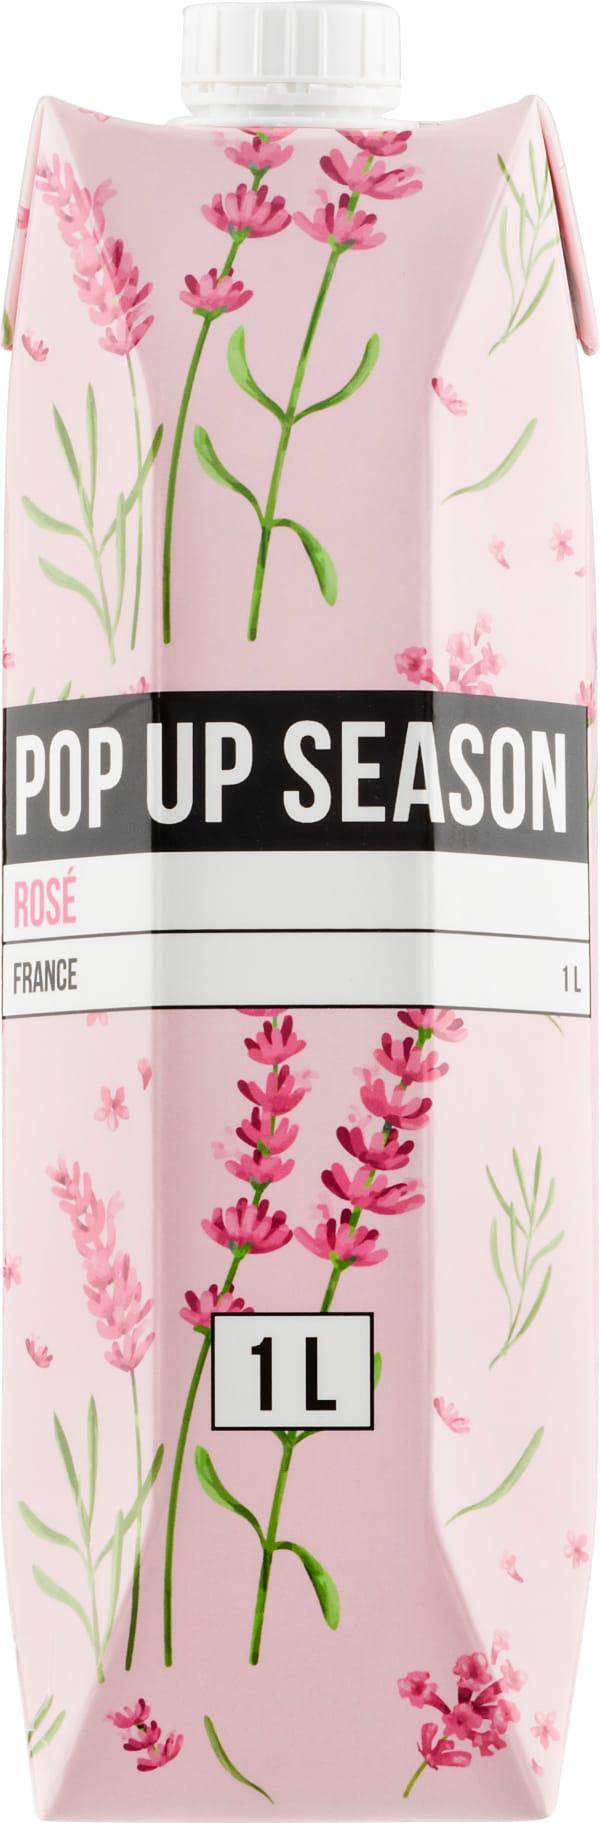 Pop Up Season Rosé 2020 kartongförpackning